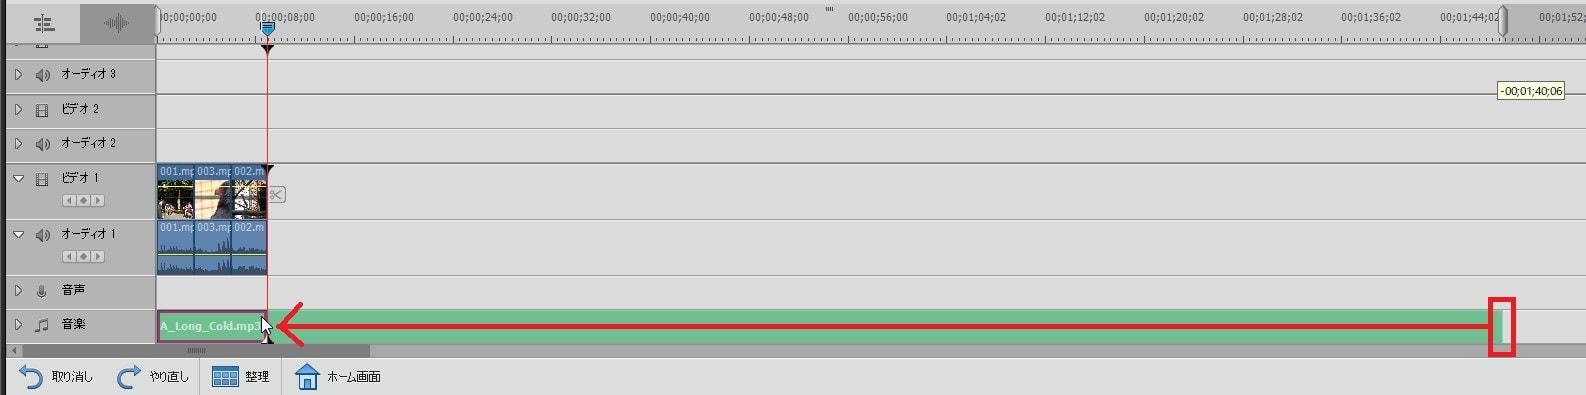 タイムラインのBGM音楽ファイルをカット編集する方法 Adobe Premiere Elements2019の使い方(1) 機能の紹介 動画編集ソフト アドビプレミアエレメンツ入門